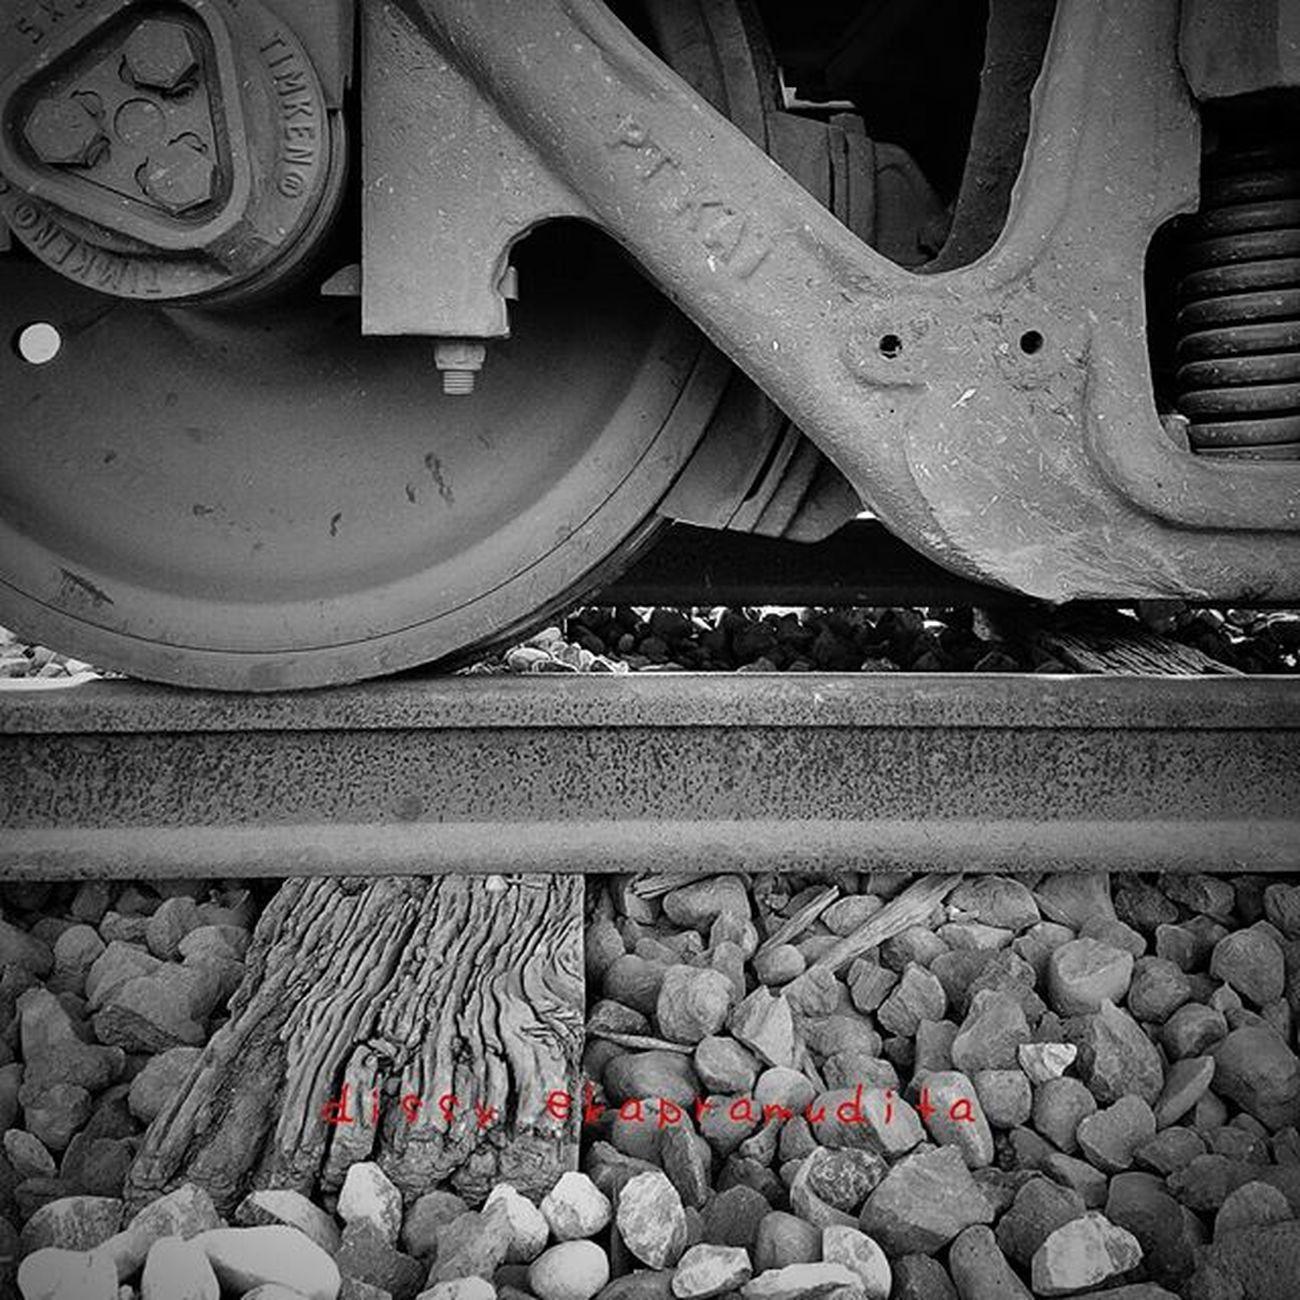 Strong wood Oldwood Railroad Train 1000kata INDONESIA Stasiunbanyuwangibaru Eastjava Natgeotravel Nationalgeographic Asiangeographic Instalike Instagram Instagood Instadaily Instamood